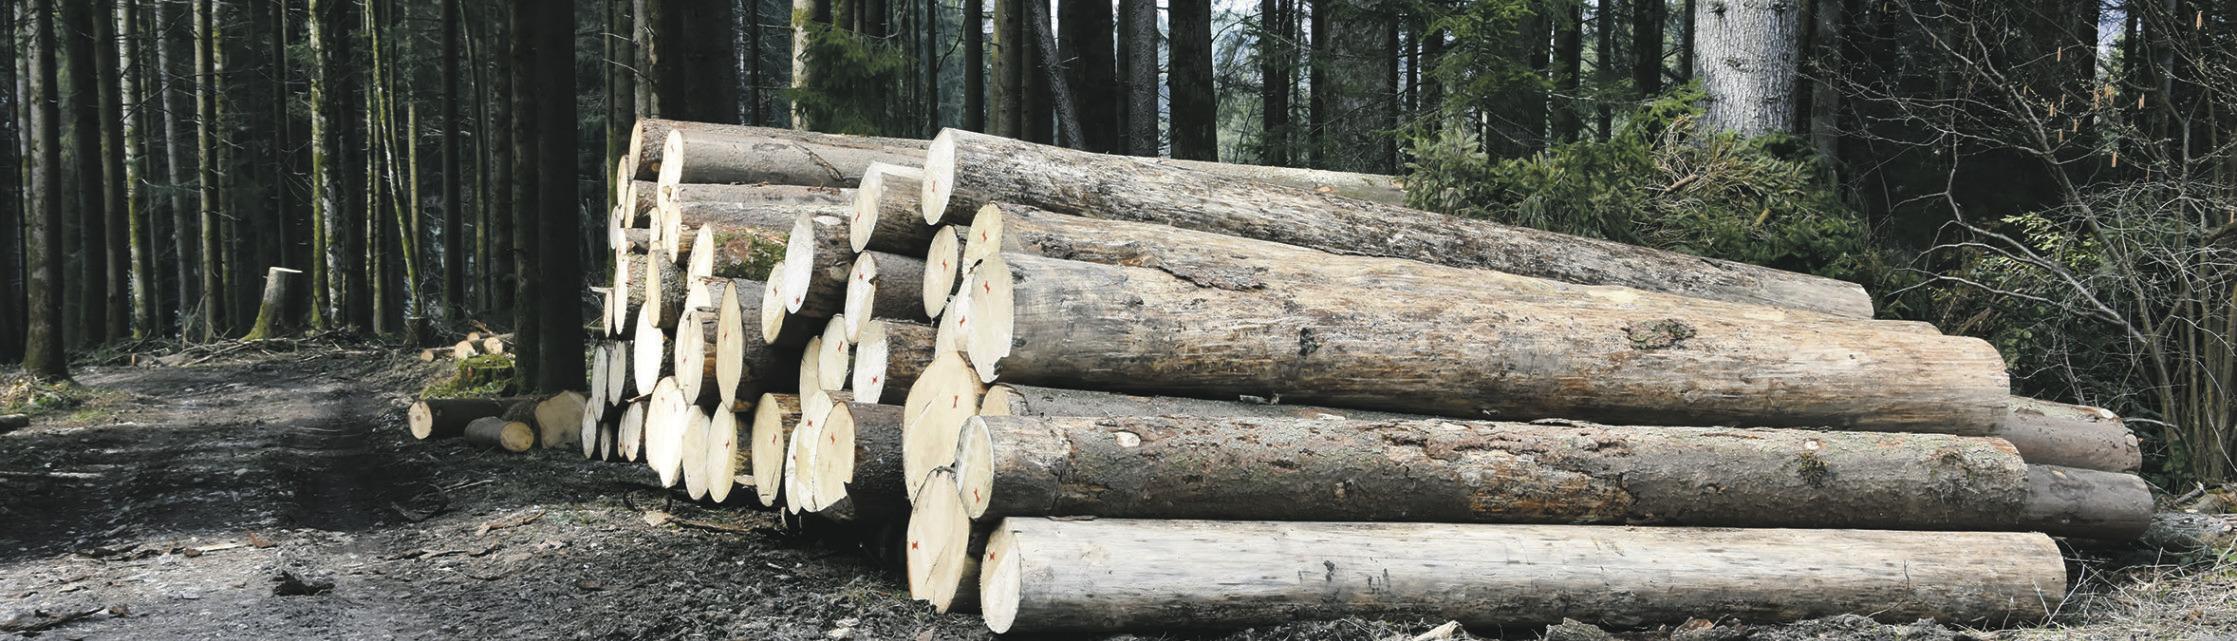 95'000 Kubik Holz geerntet